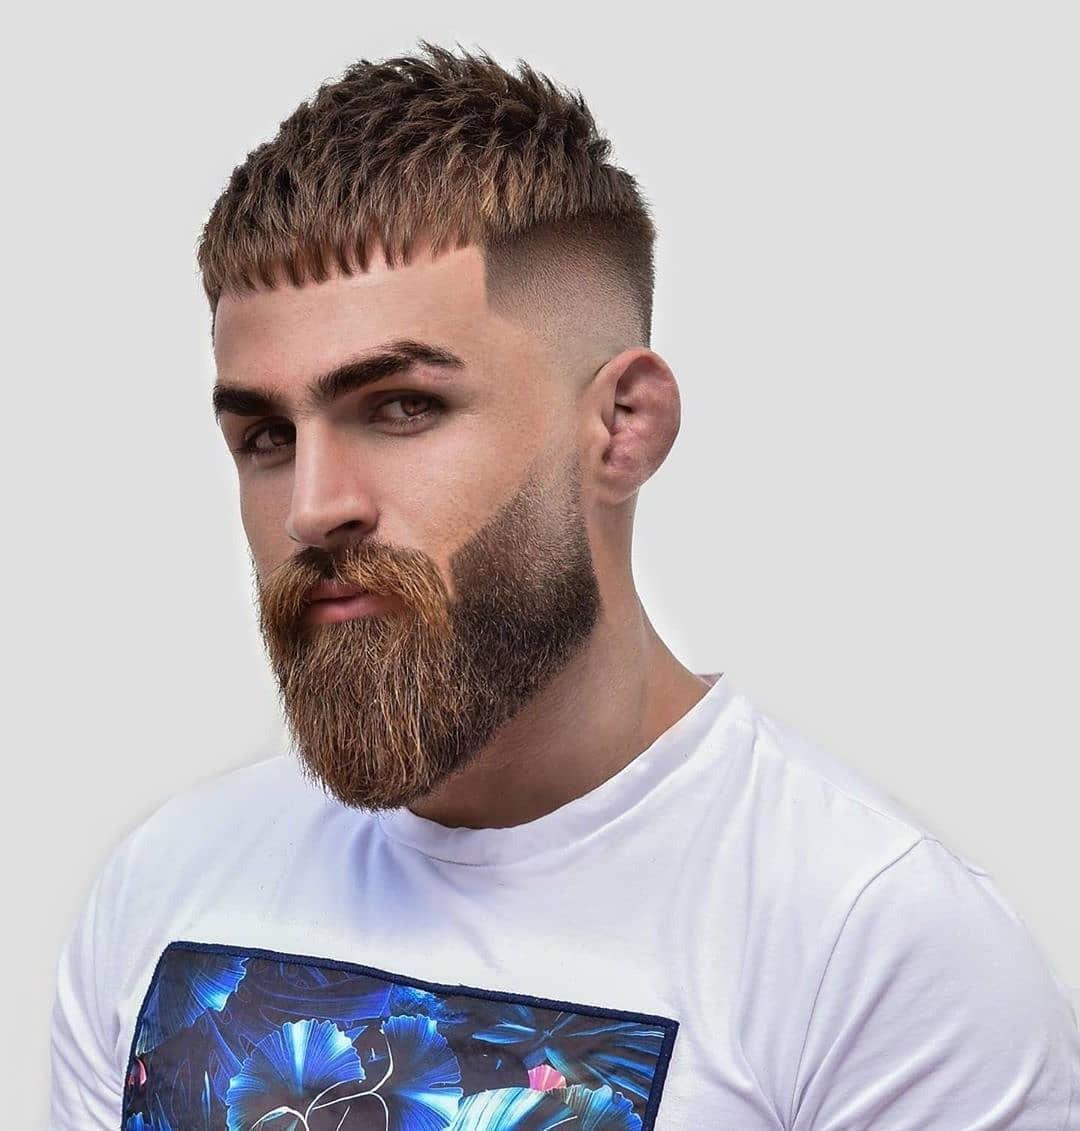 Caesar Undercut Haircut with Full Beard